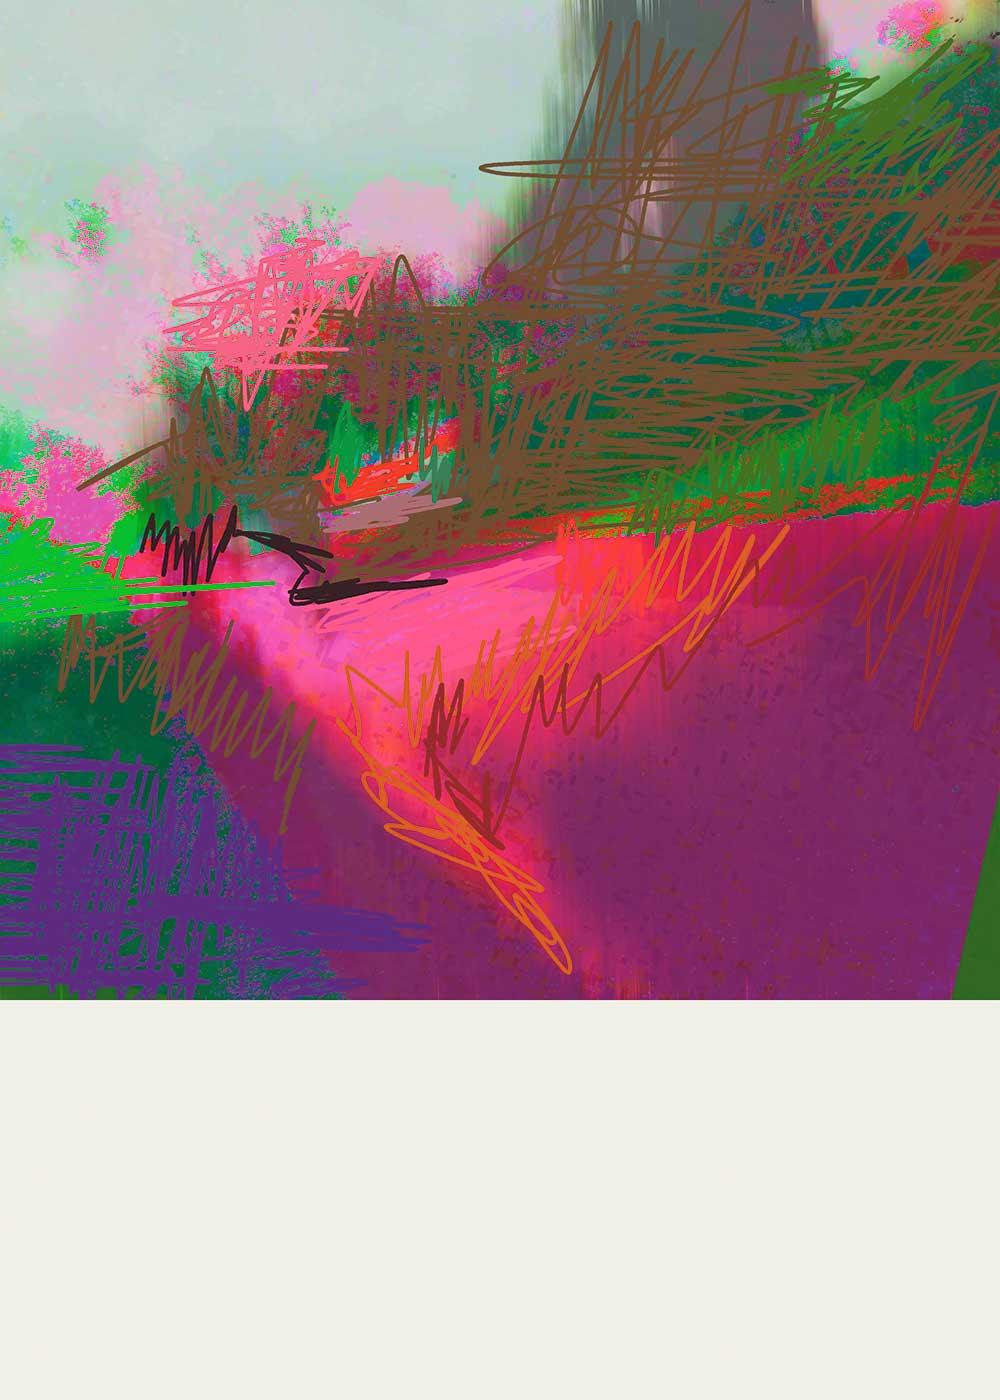 mongi-higggs-15376-steps-edition-50mal70cm-giclee-print-artist-kuenstler-konsum163-modern-art-gallery